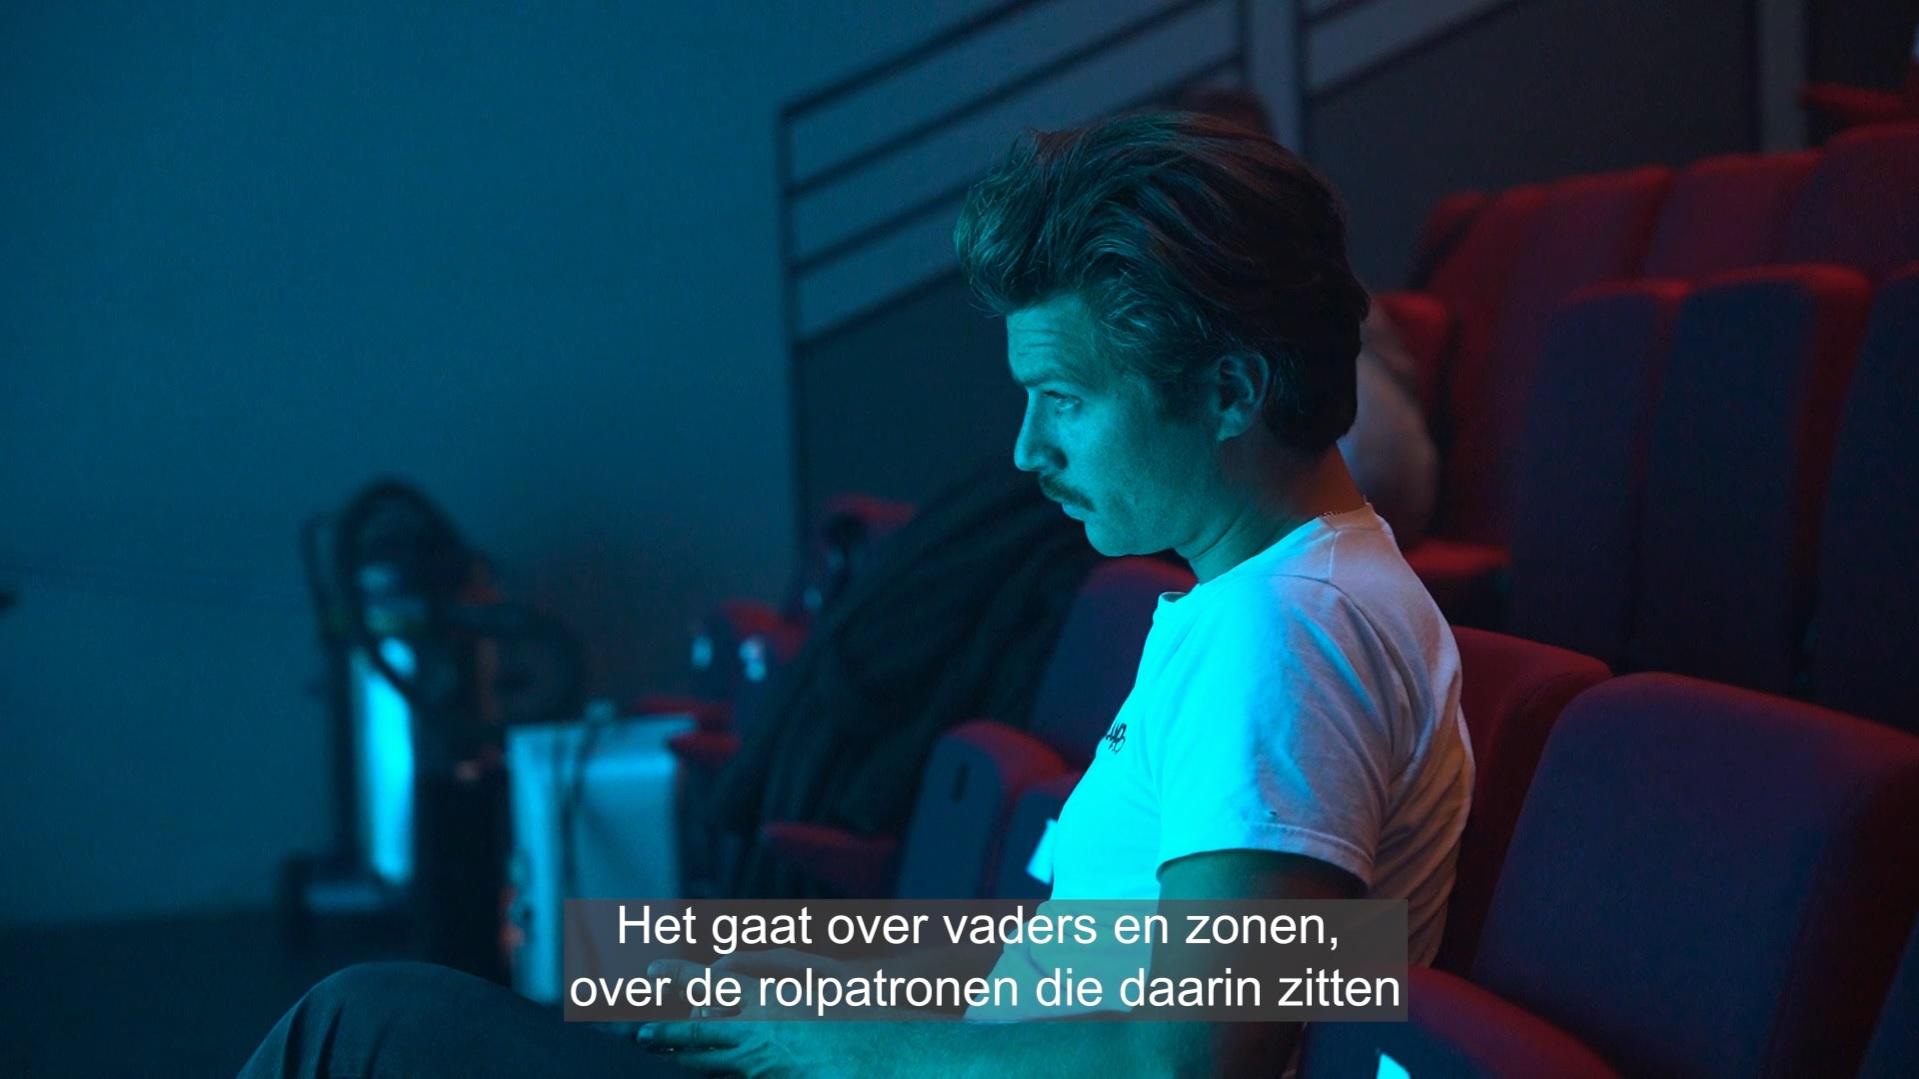 Patroon – Urland & De Nieuwe Oost | Theater making-of